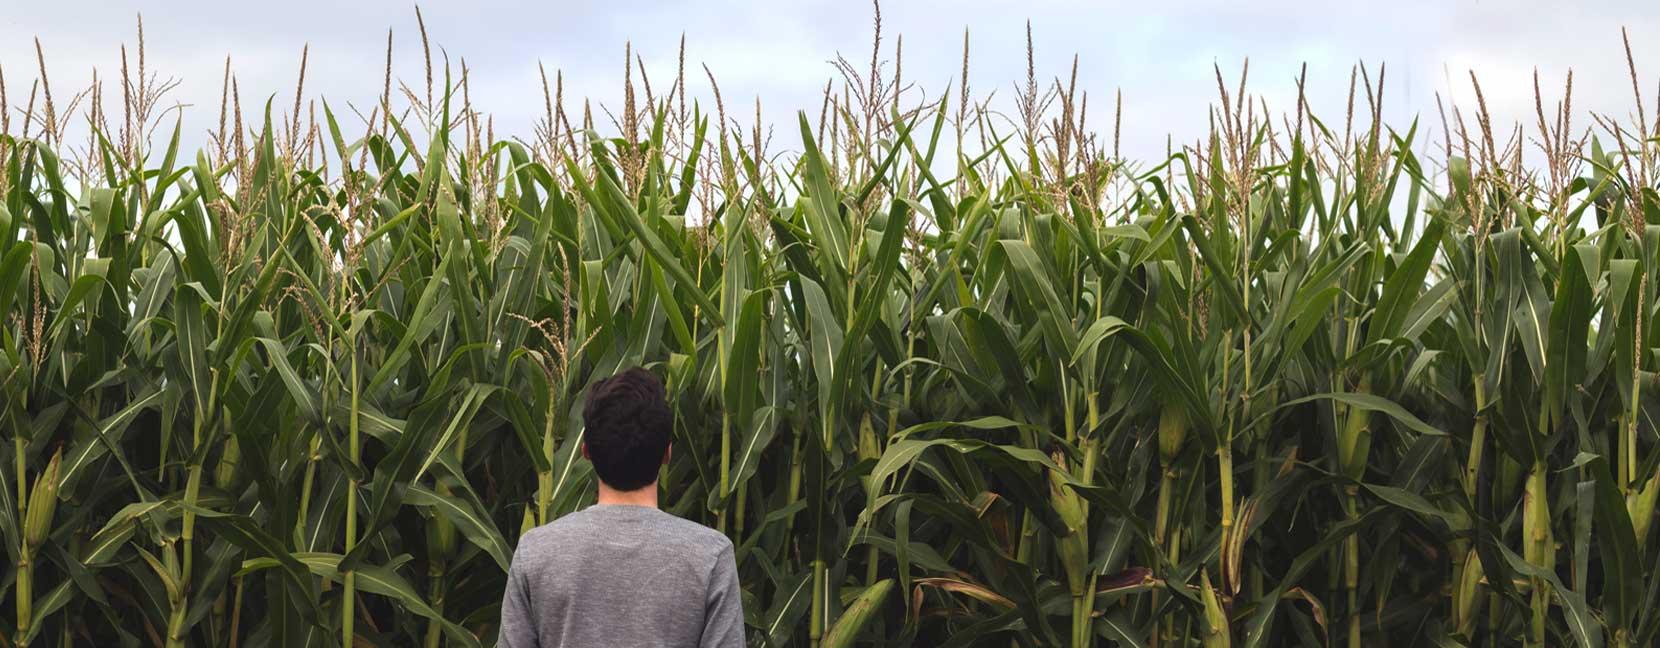 Agricultura sostenible i eficient